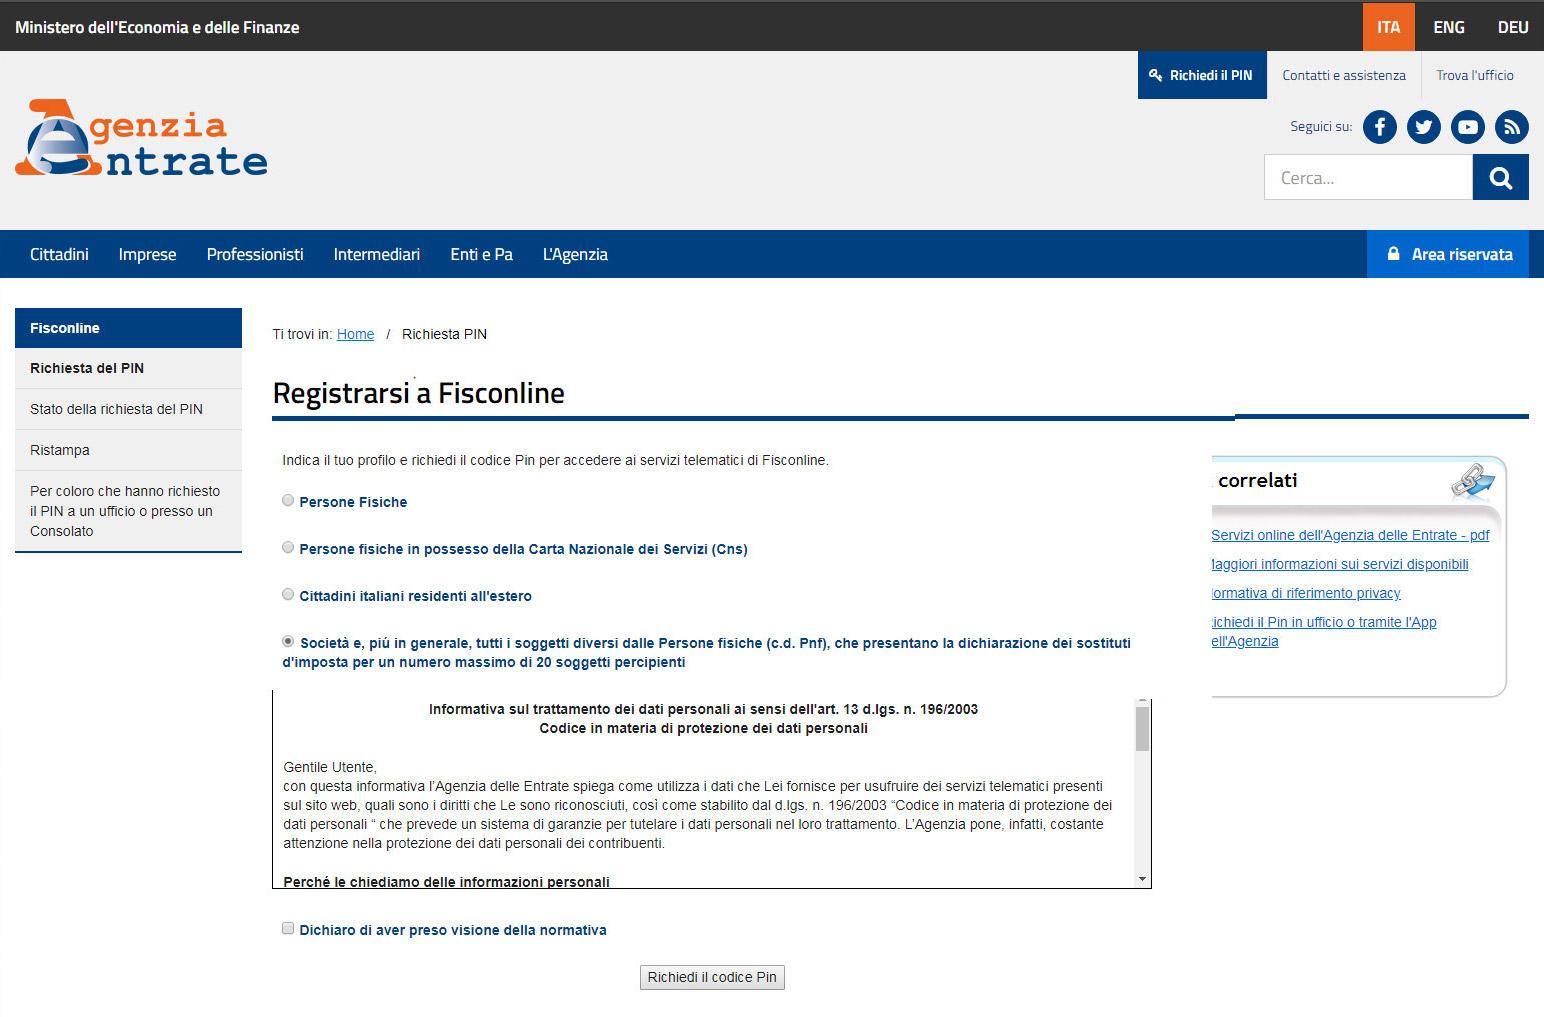 Agenzia Entrate - Registrazione società